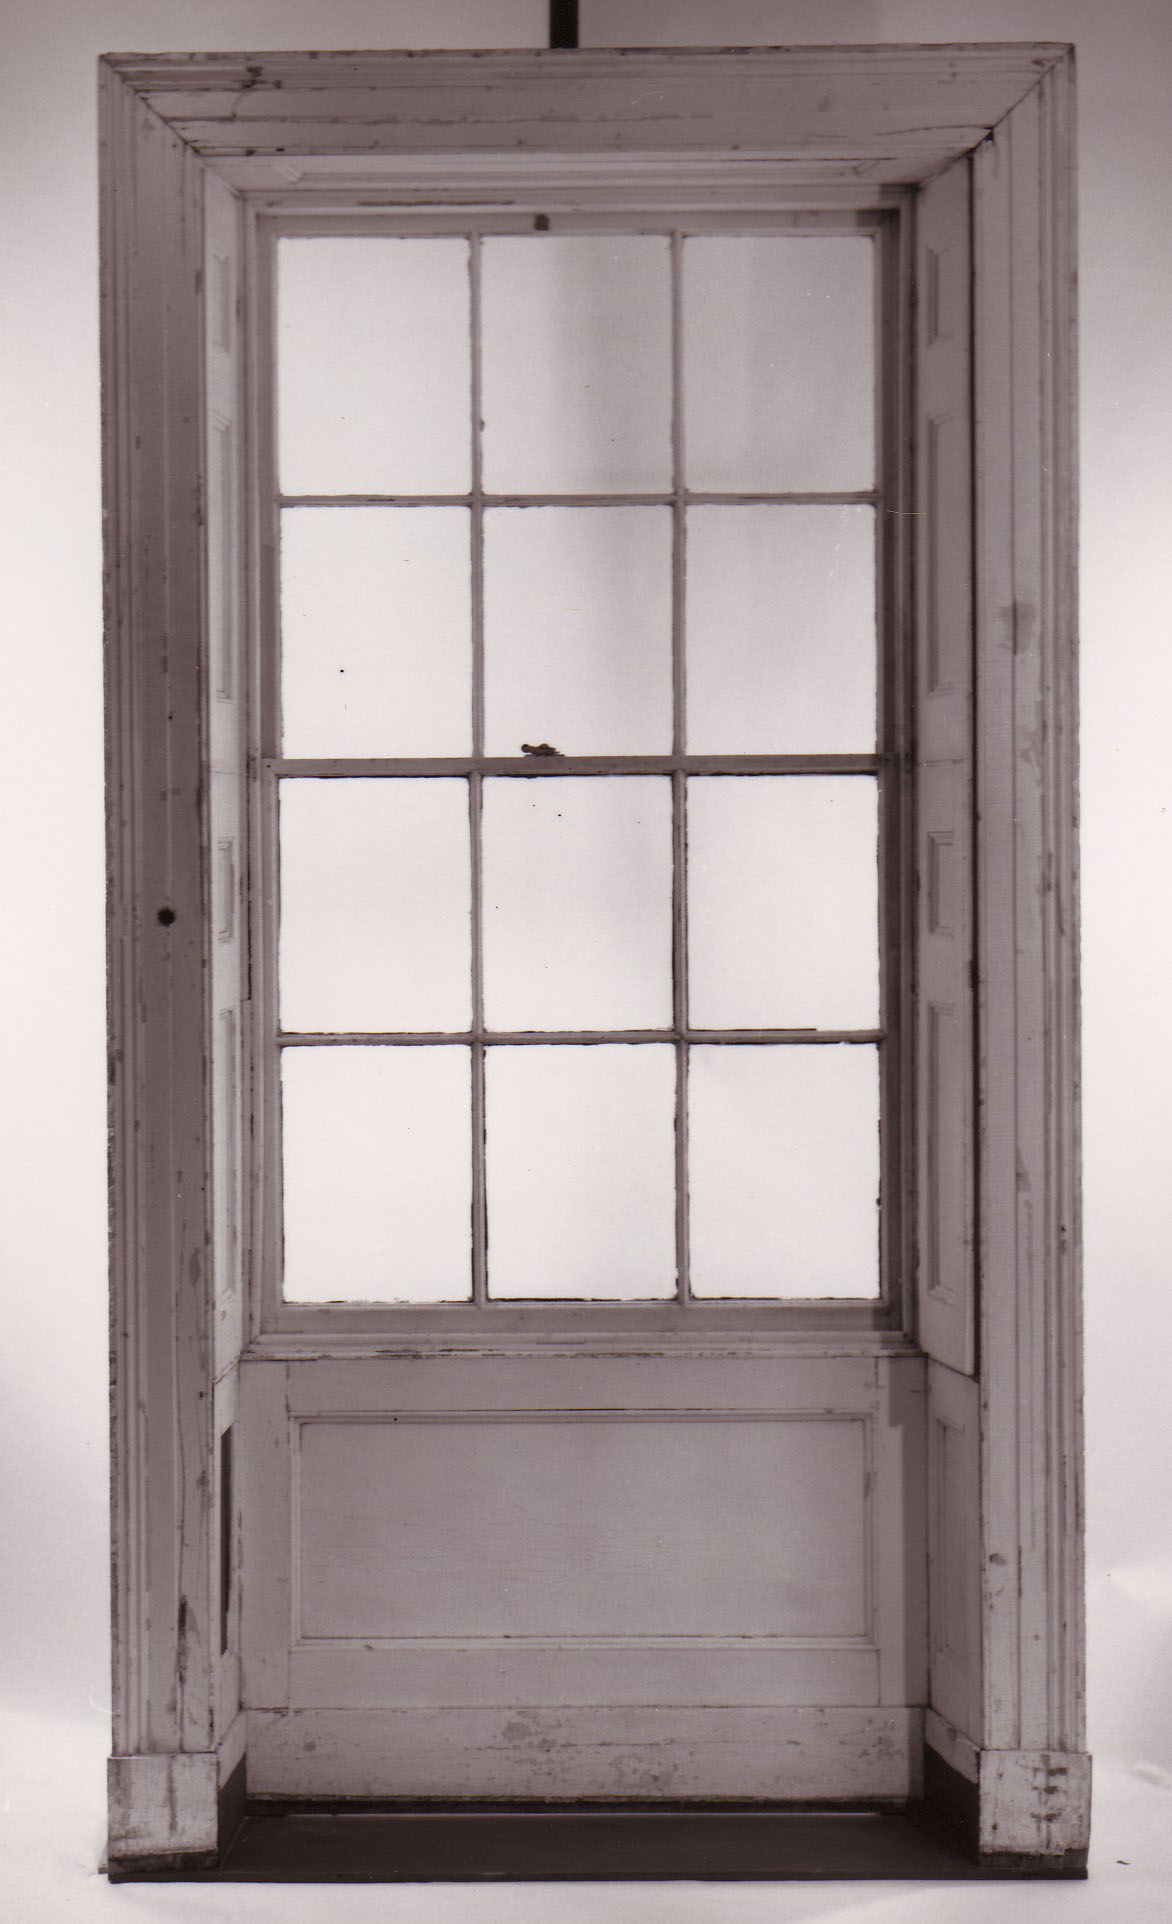 1820-concealed-interior-window-shutter